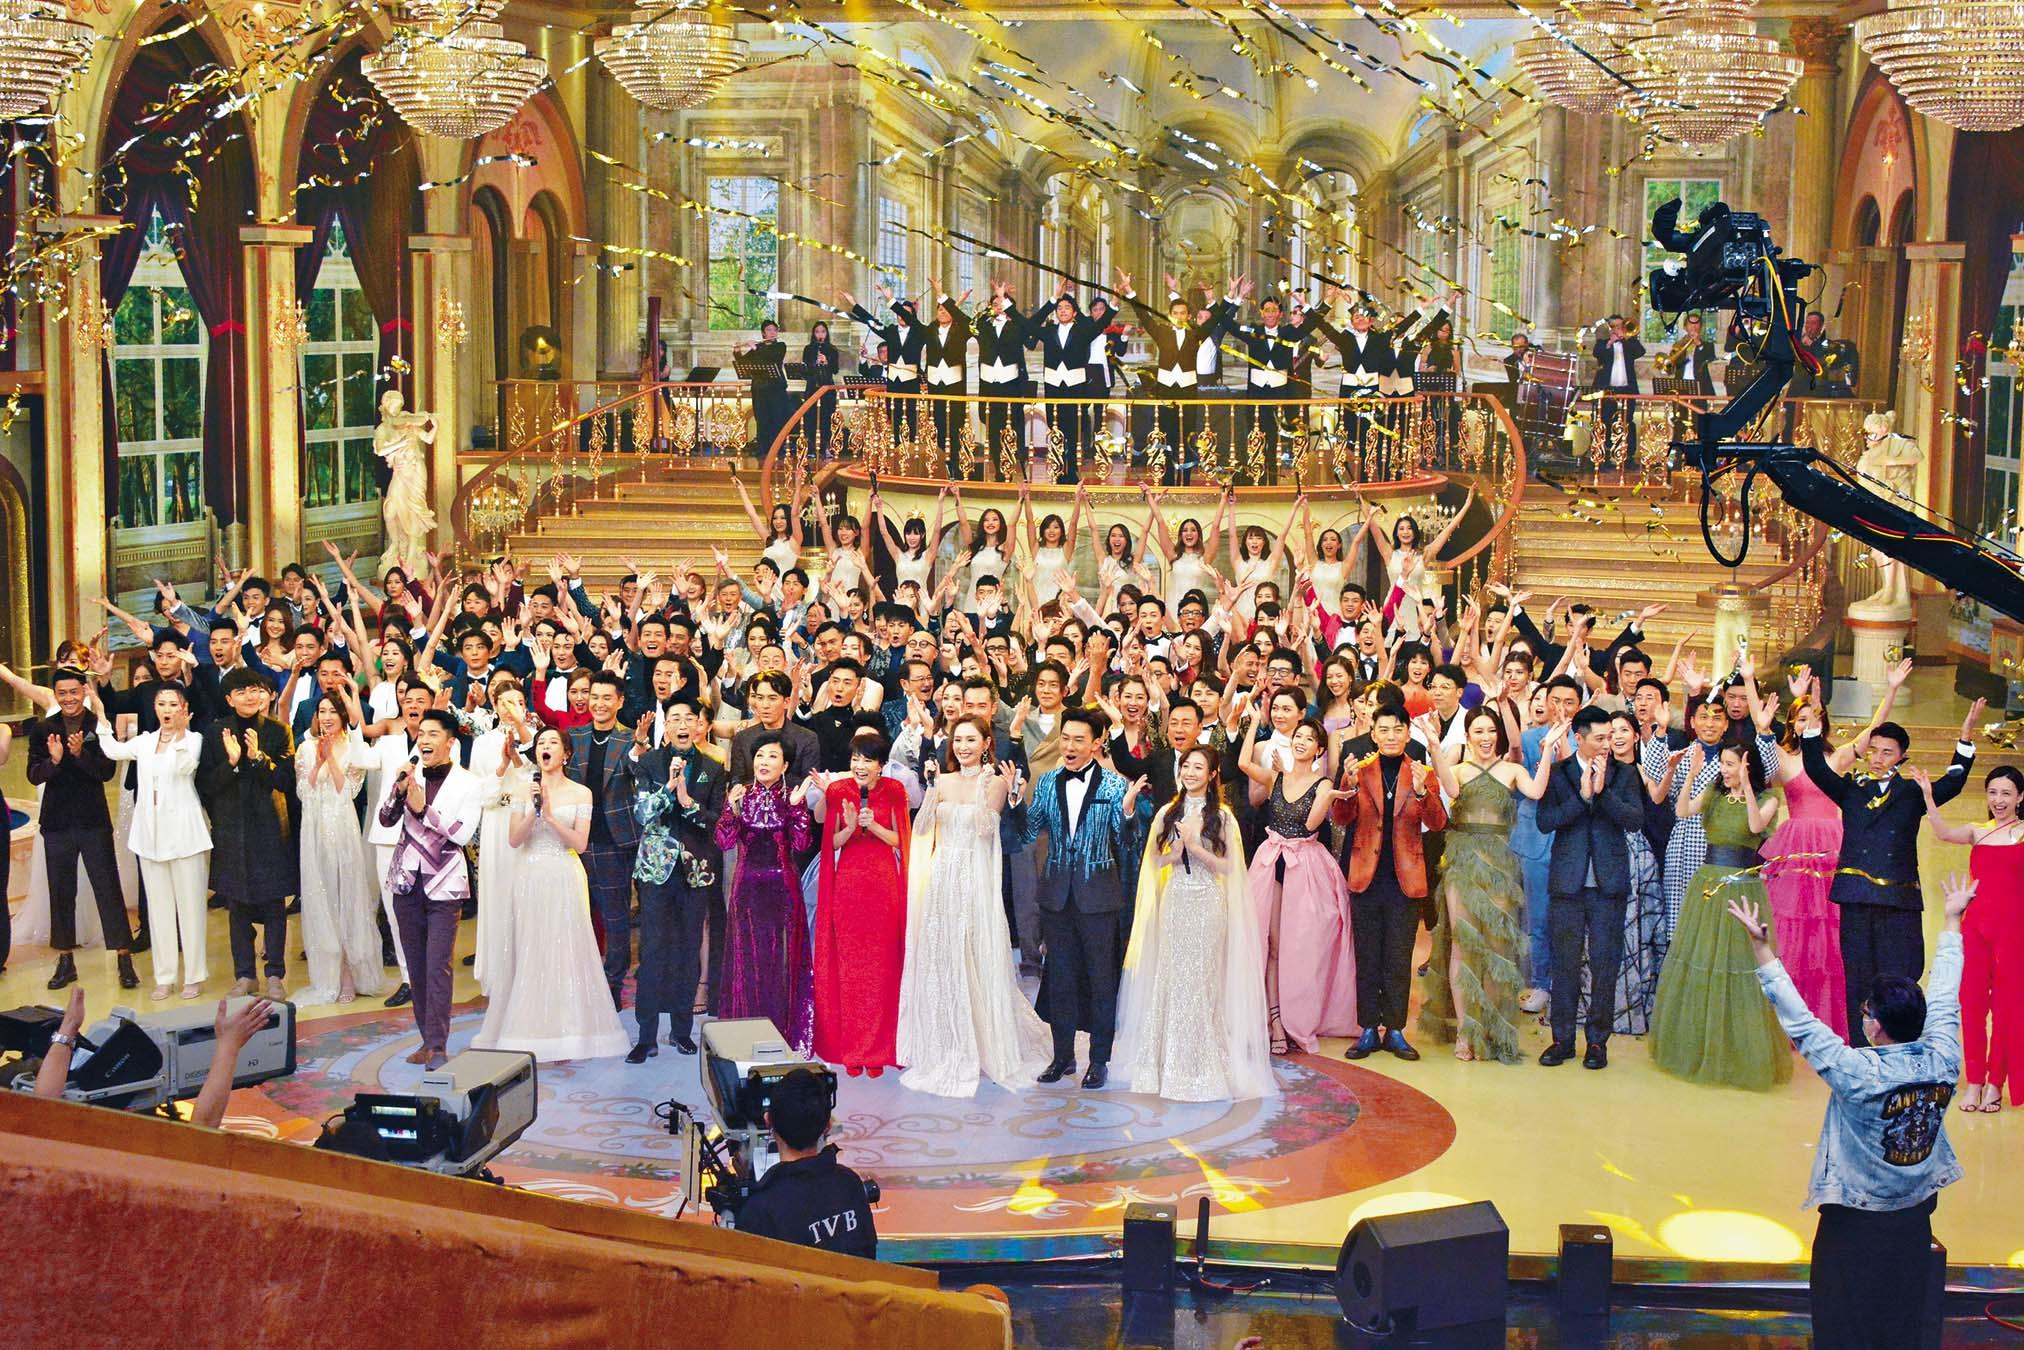 大概是知道不會戴口場出場,所以絕大部分藝員在後台都沒戴口罩。